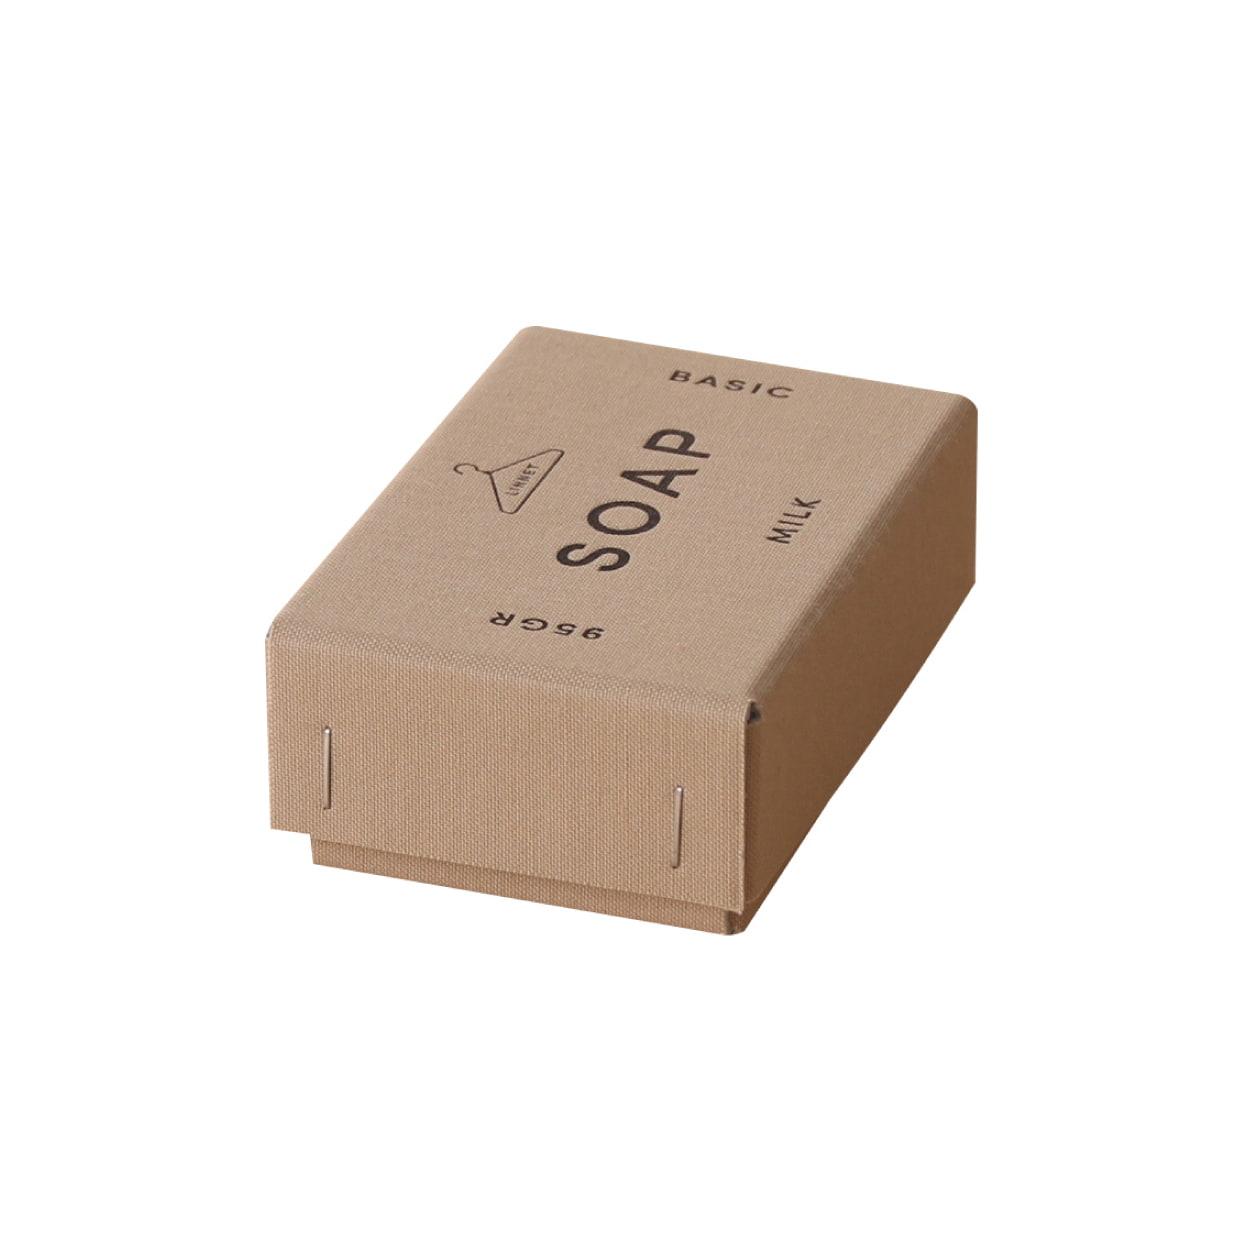 サンプル 箱(ホッチキスどめ) 00011